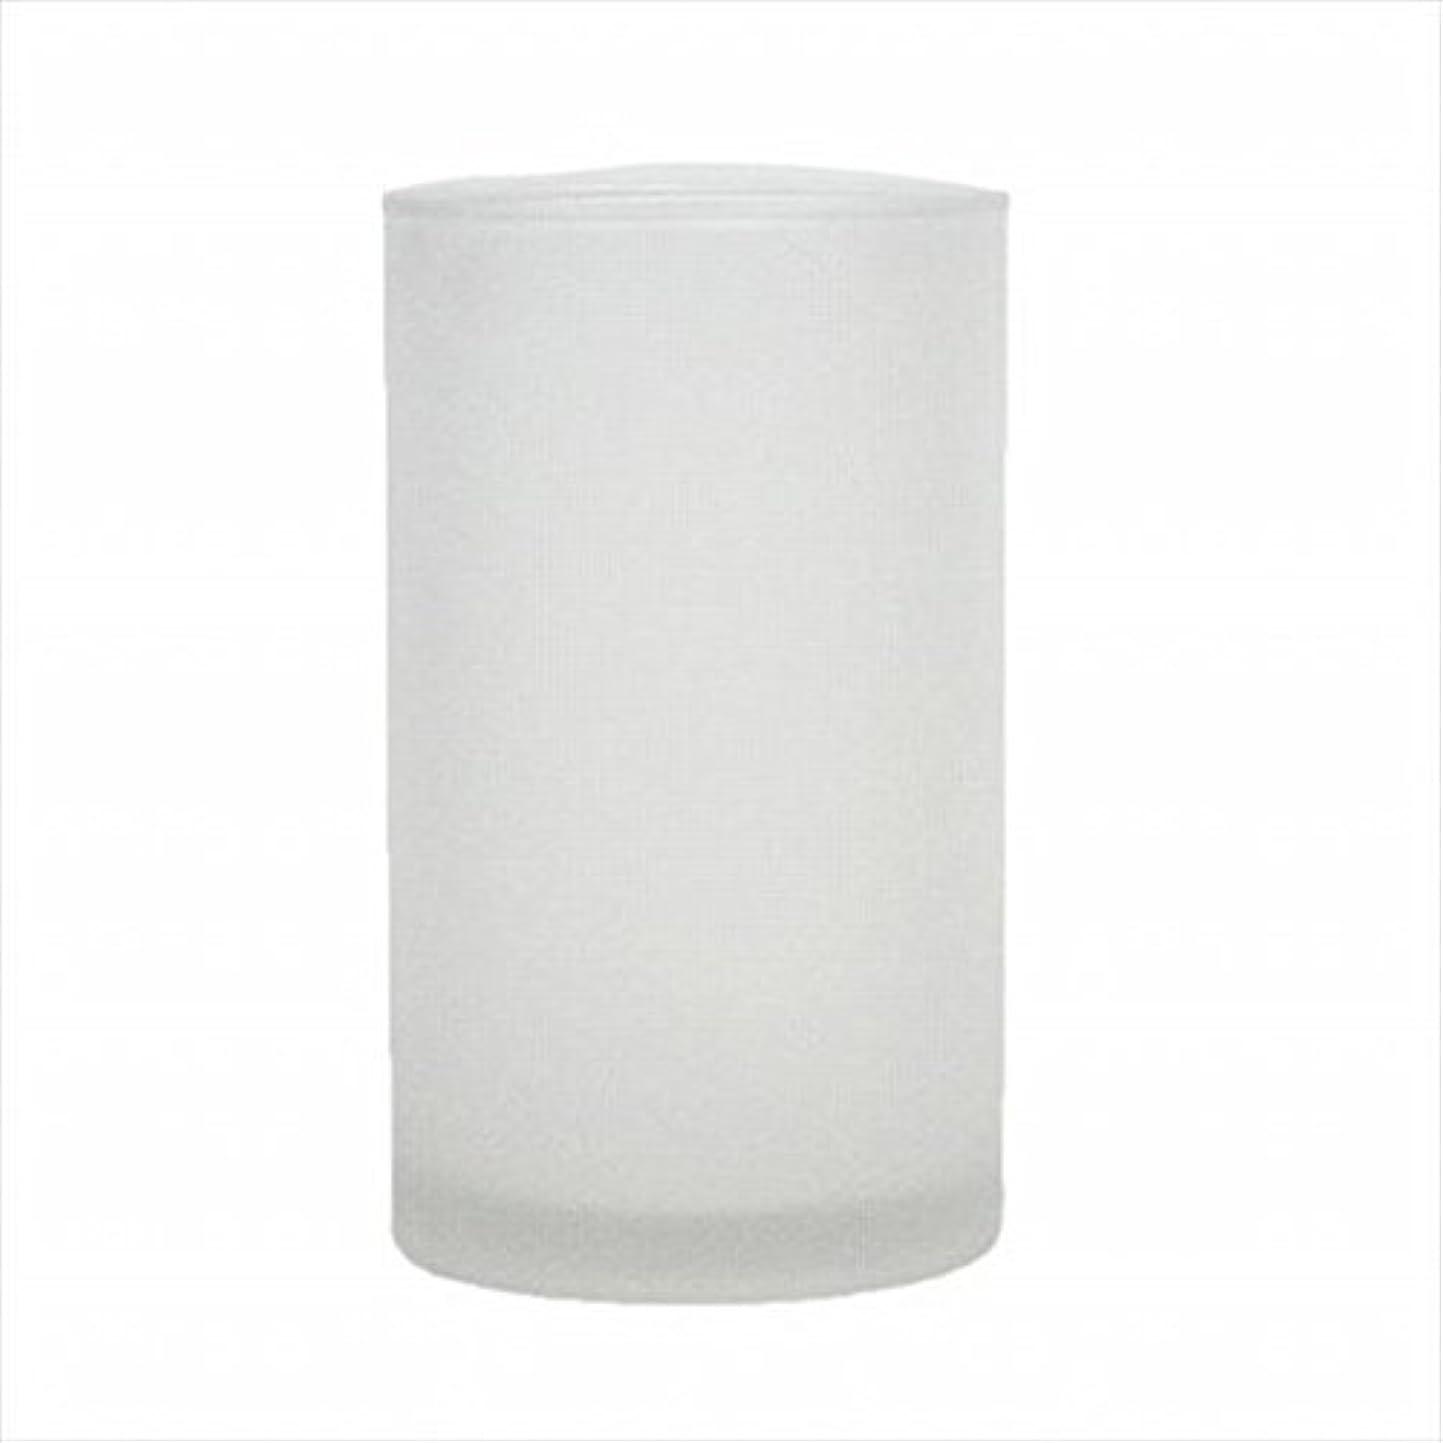 申し立てる震え環境に優しいkameyama candle(カメヤマキャンドル) モルカグラスSフロスト キャンドル 90x90x155mm (65980000)